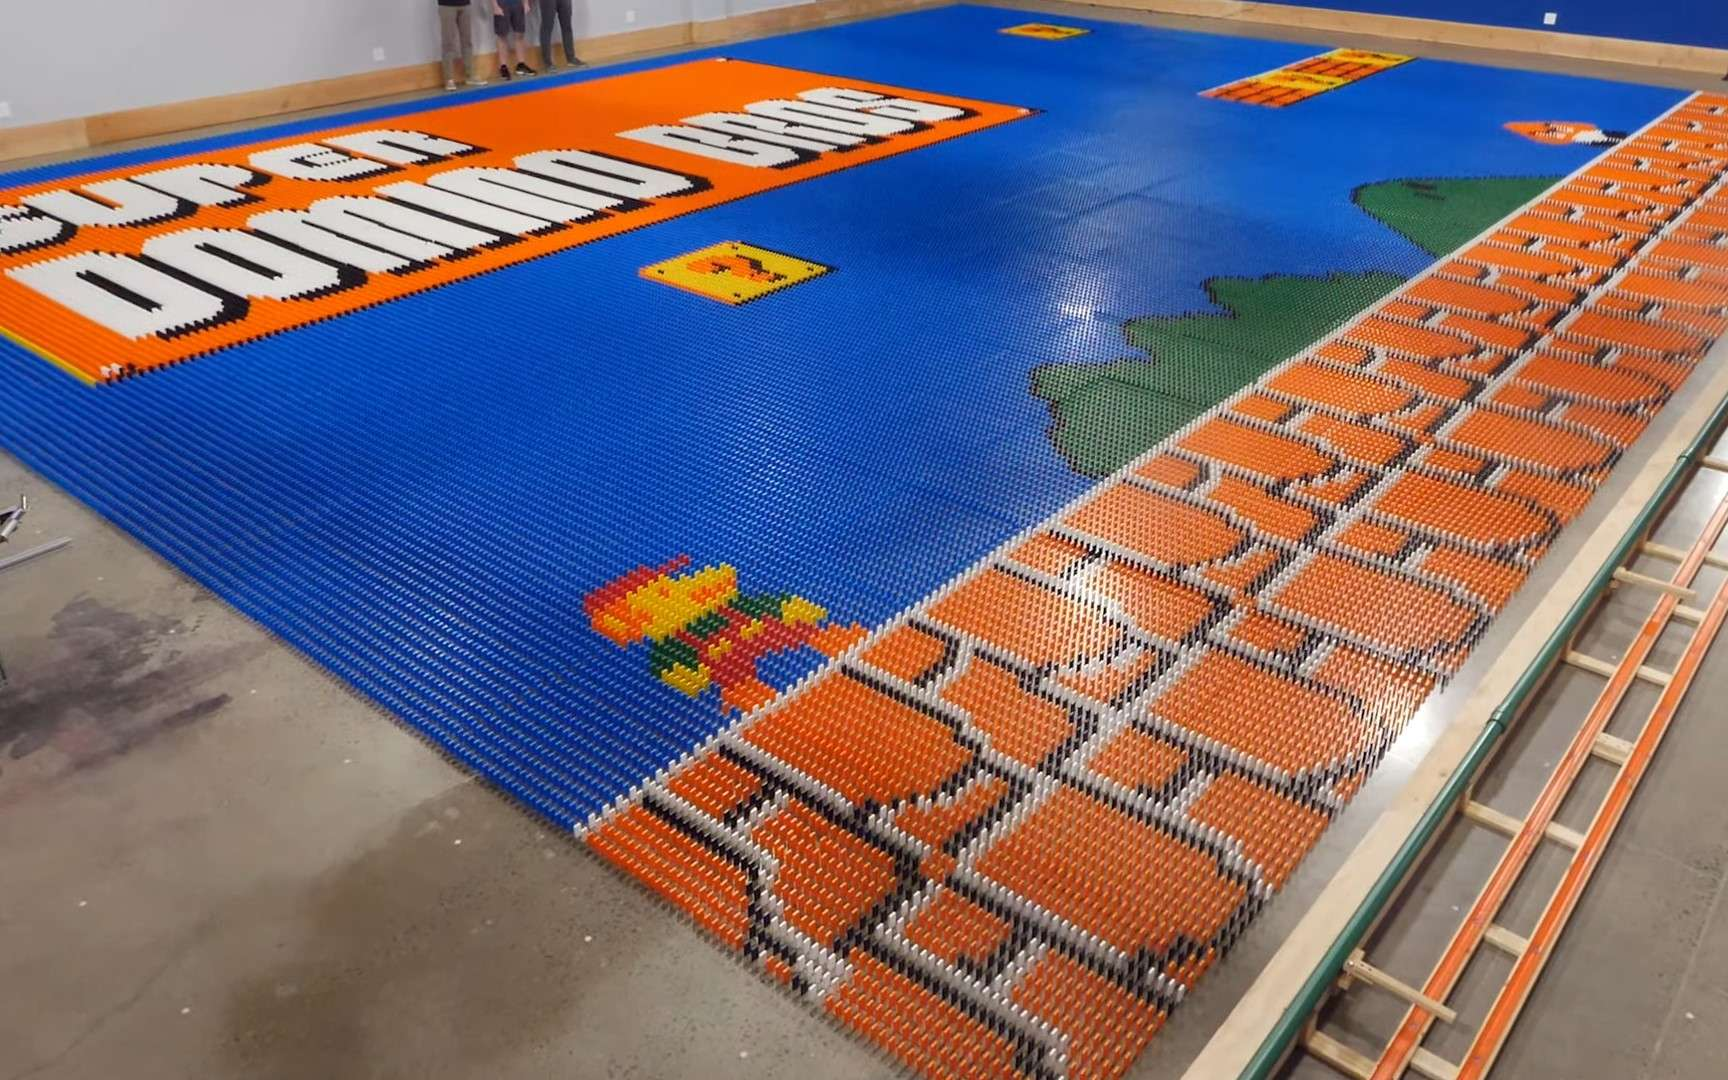 The Dominator a réussi à créer une immense image de SuperMario Bros en dominos en seulement 24 heures. © Mark Rober